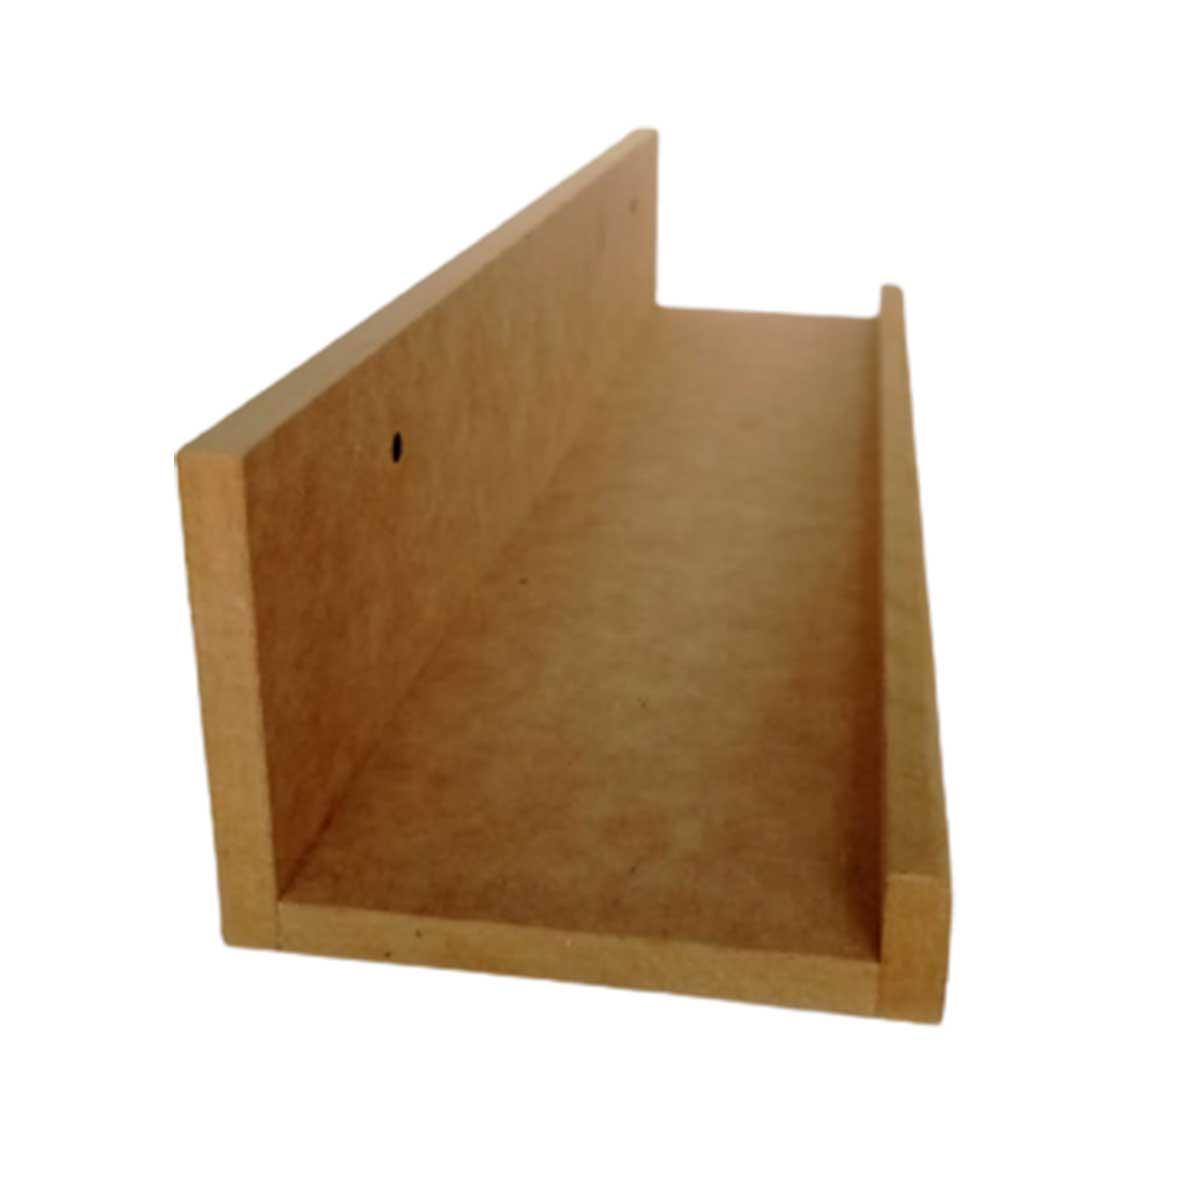 Prateleira Simples em MDF 30cm